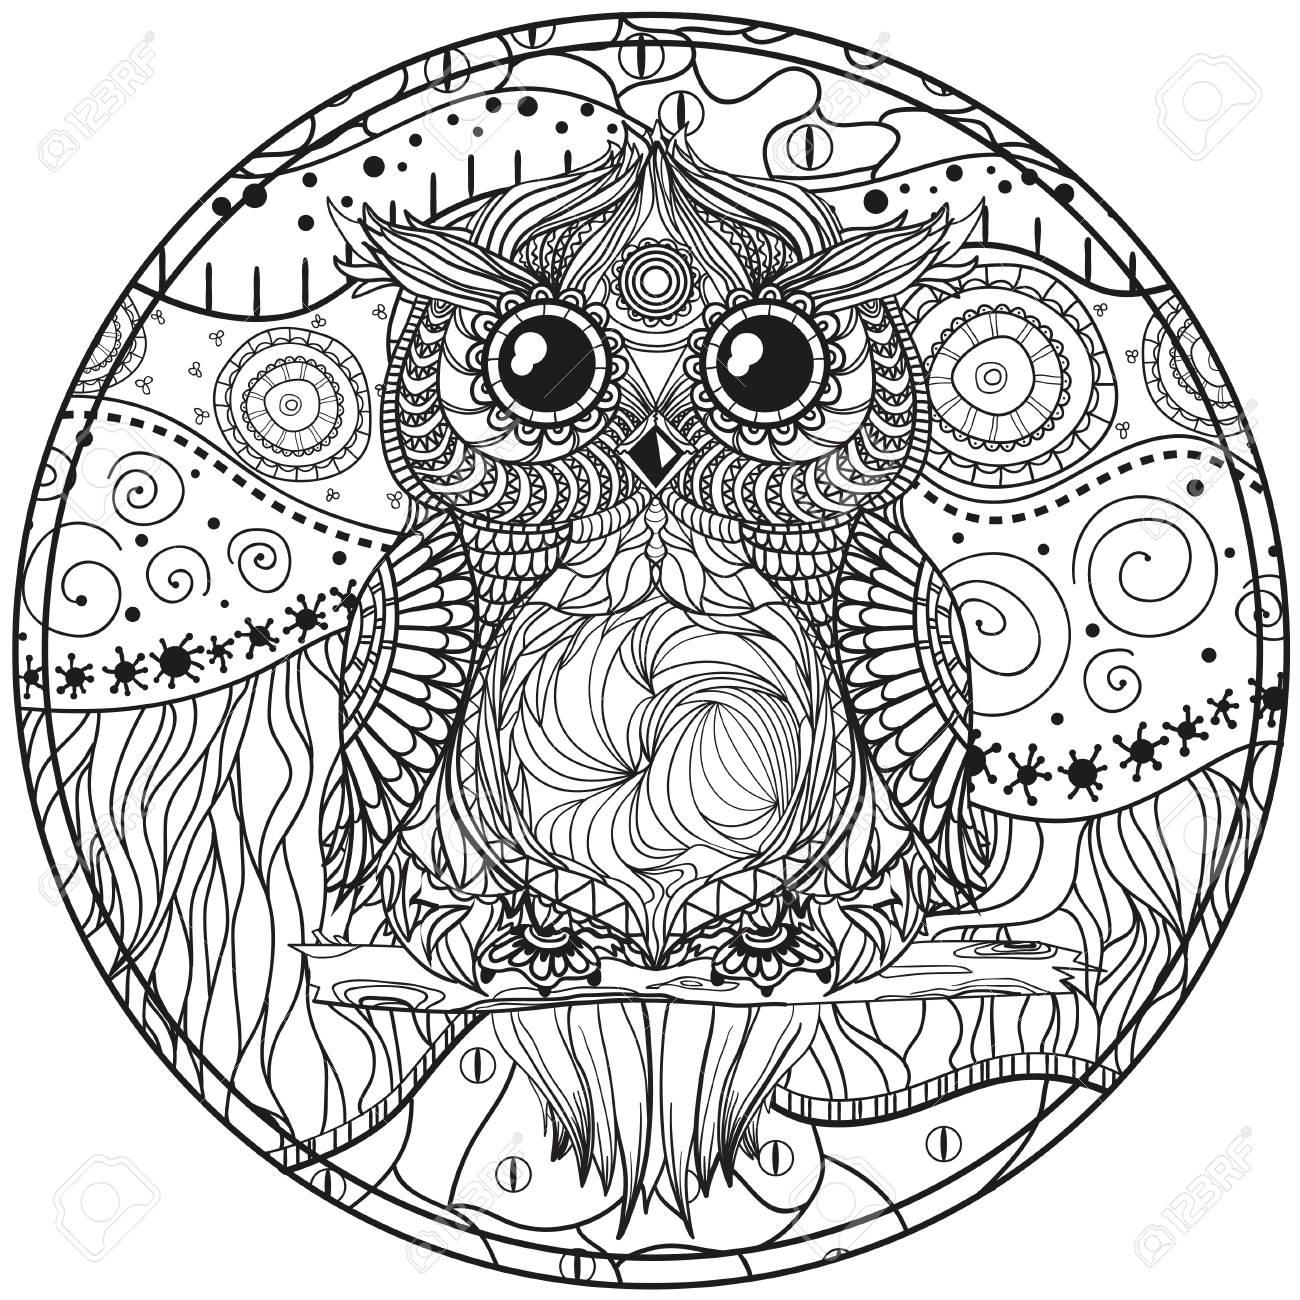 Mandala Con El Búho Diseño Zentangle Dibujado A Mano Patrones Abstractos En El Aislamiento De Fondo Diseño Para La Relajación Espiritual Para